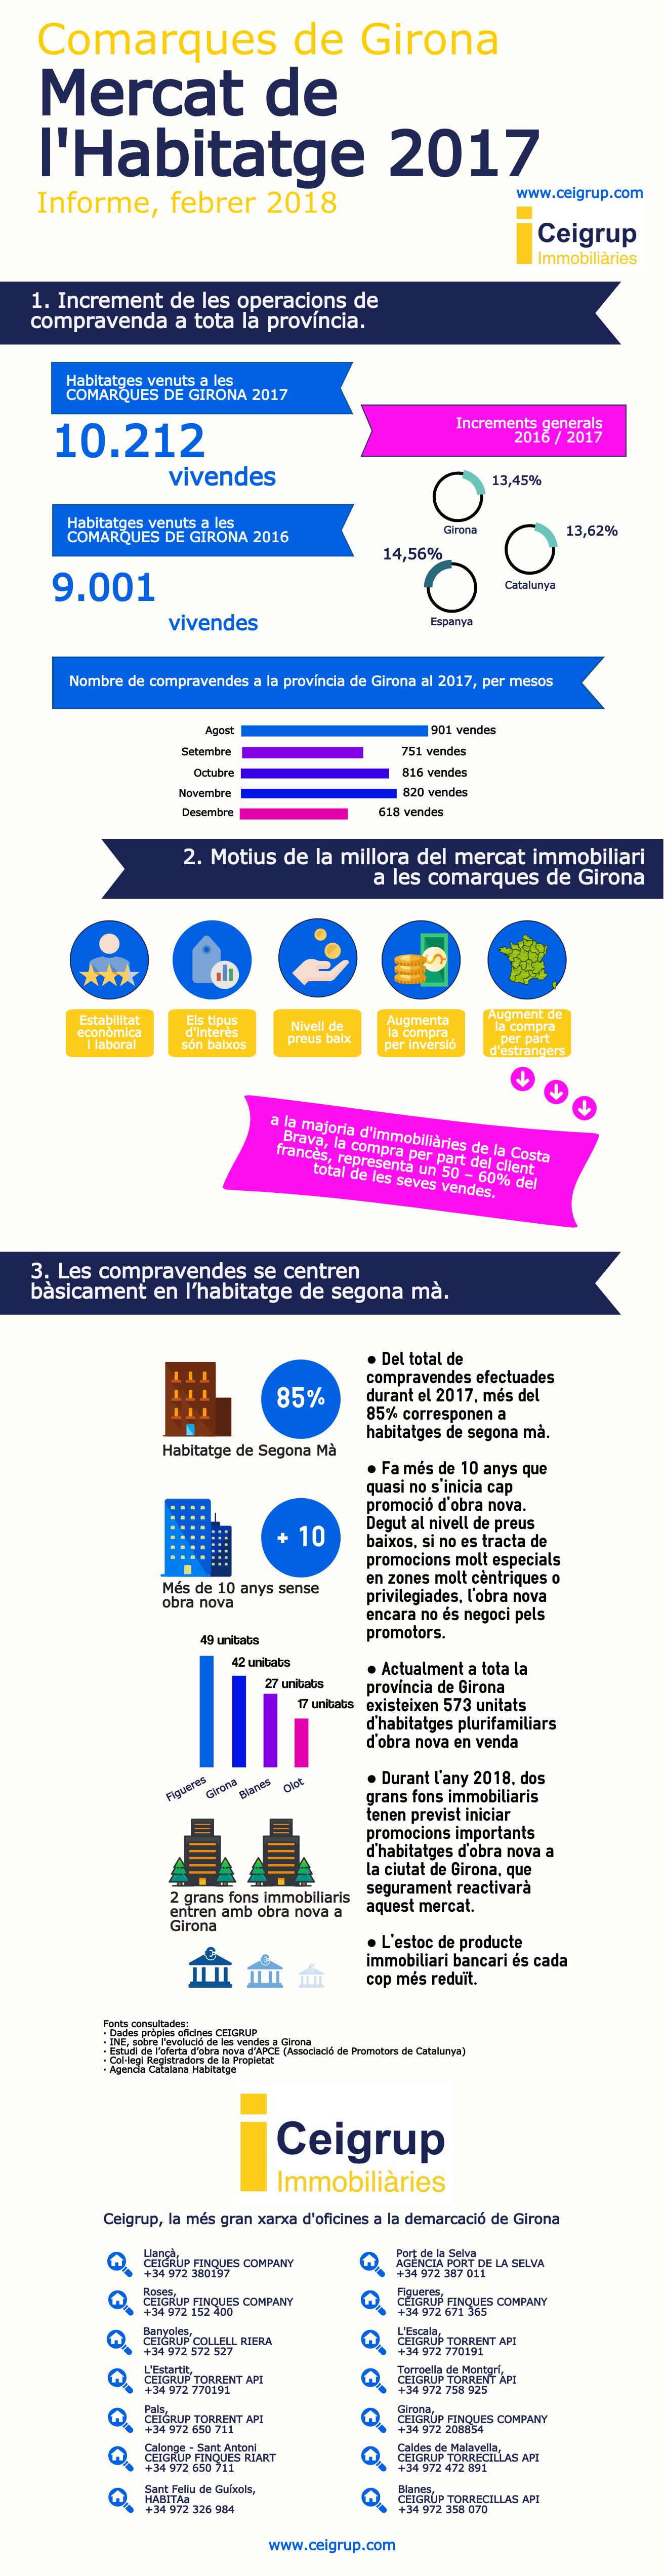 Infografia Mercat Immobiliari a Girona 2017